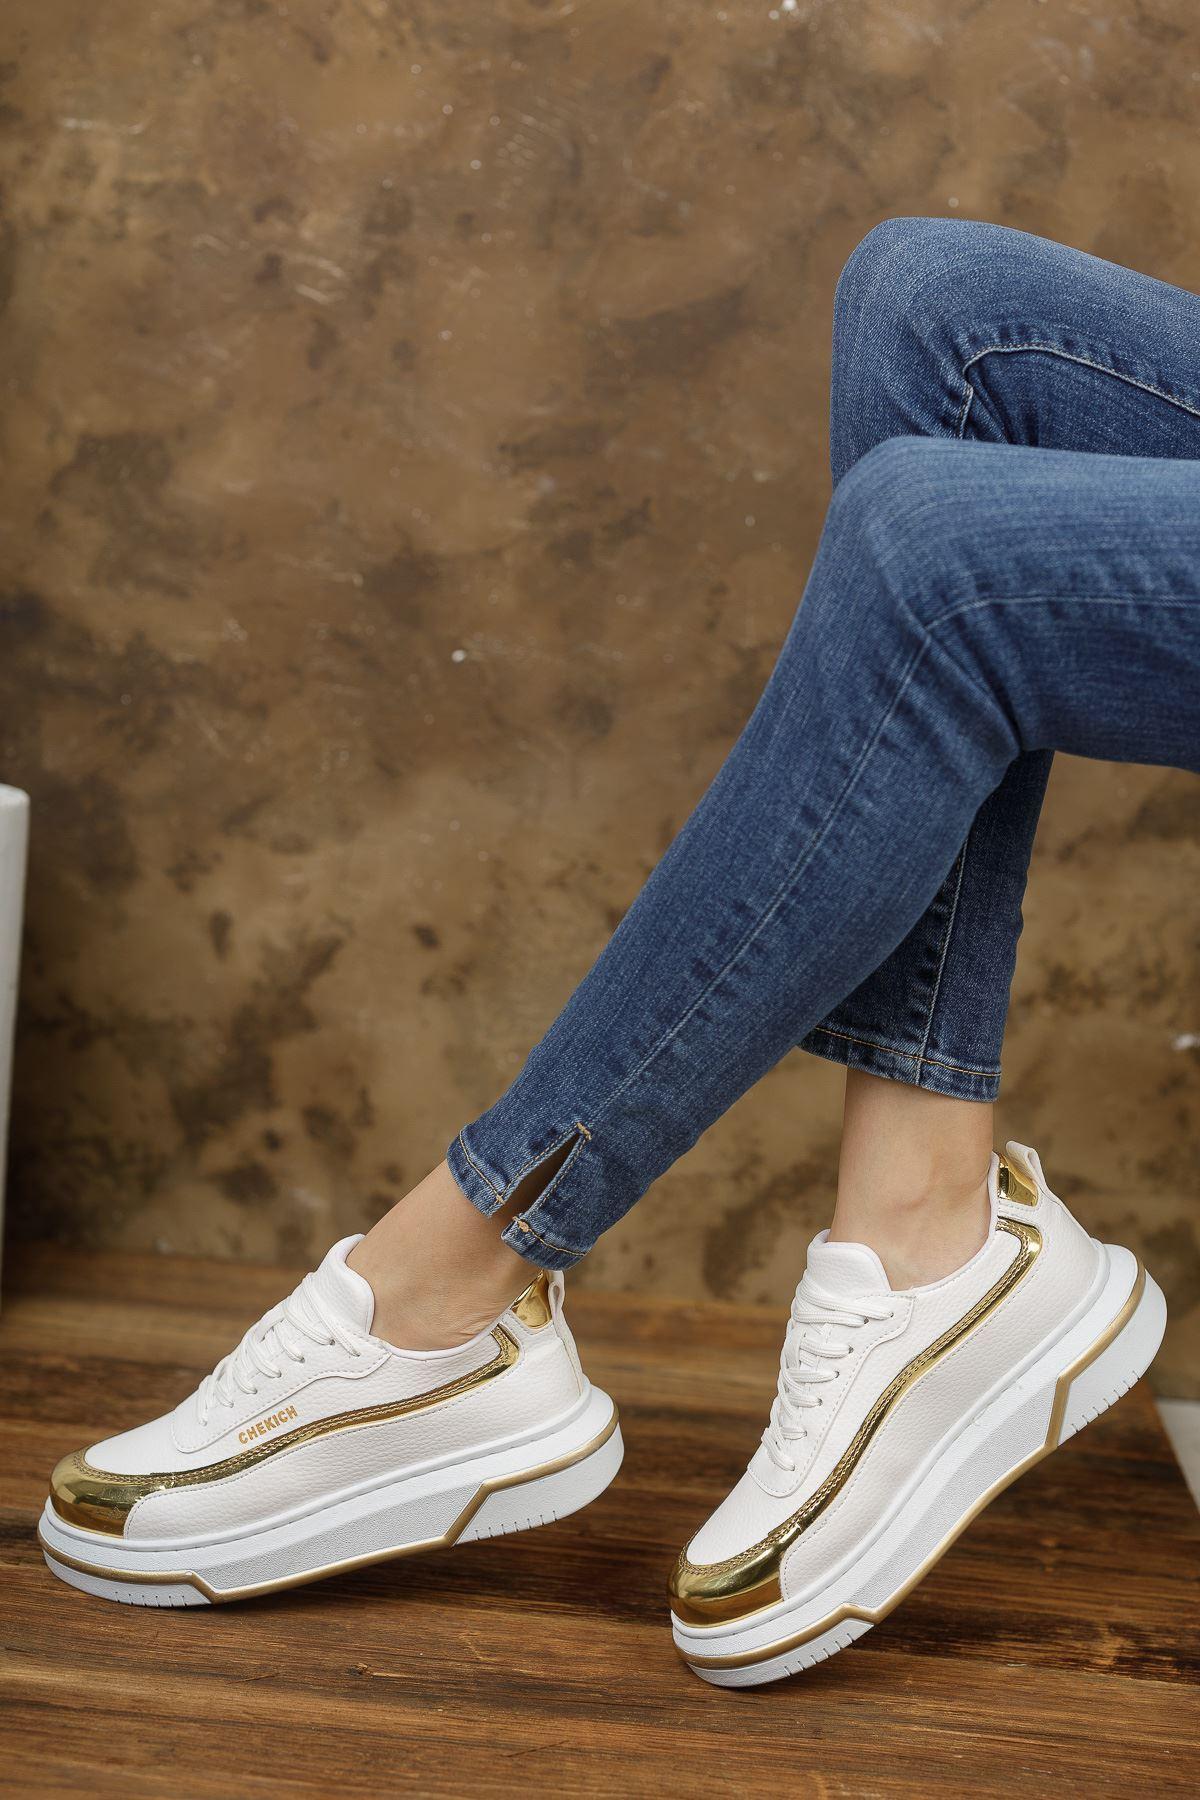 Chekich CH041 BT Kadın Ayakkabı BEYAZ / ALTIN